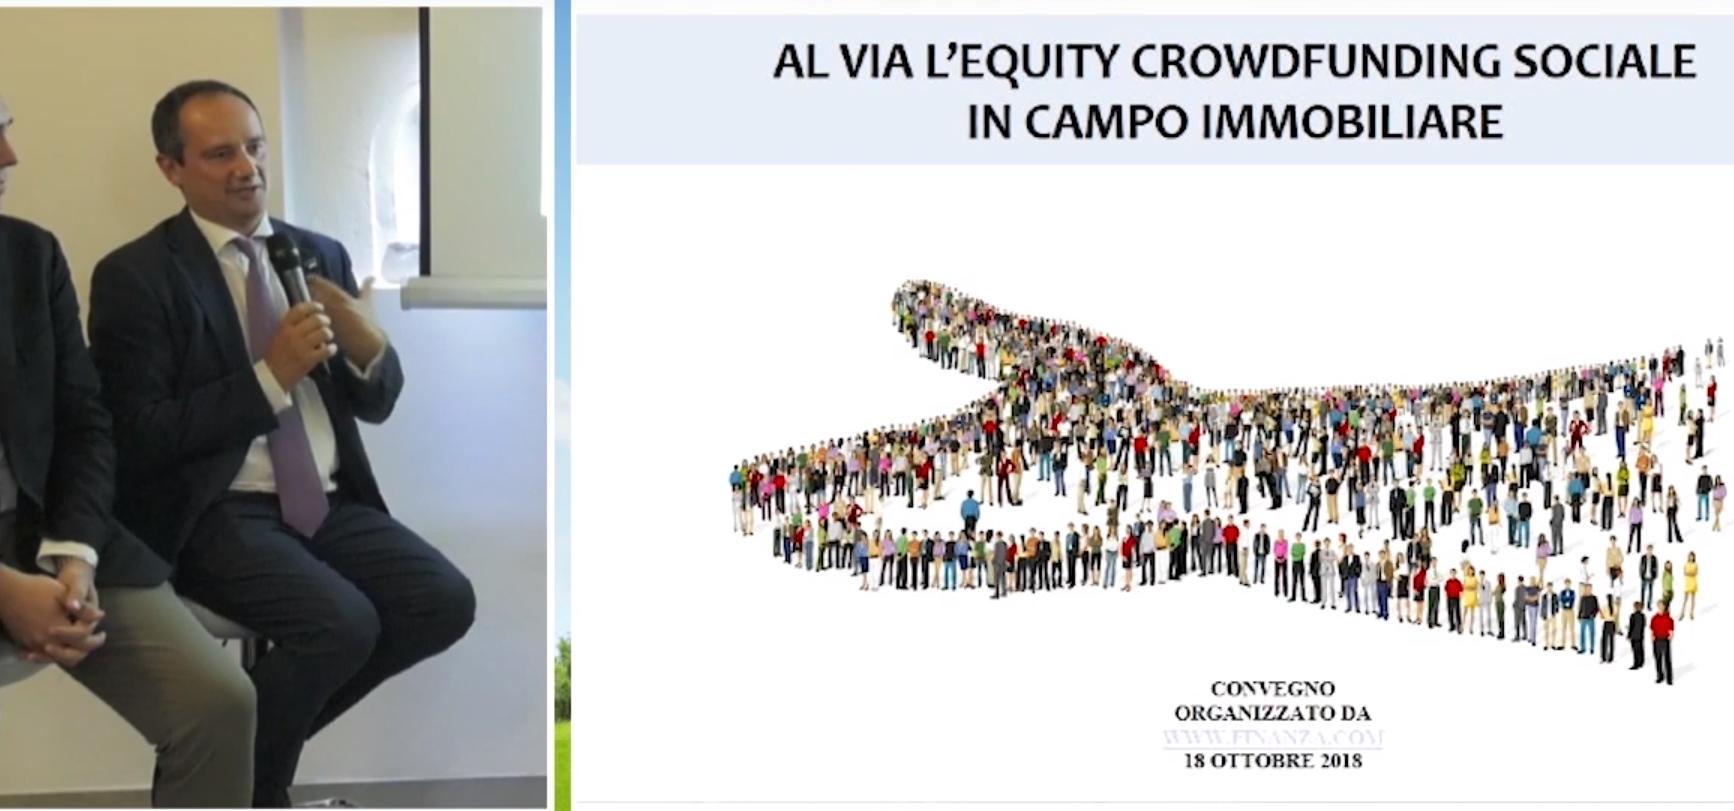 Antonio Campagnoli oratore al seminario Crowdfunding immobiliare.  Ha risposto alla domanda: cosa è e quali obiettivi può avere il corwfunding?